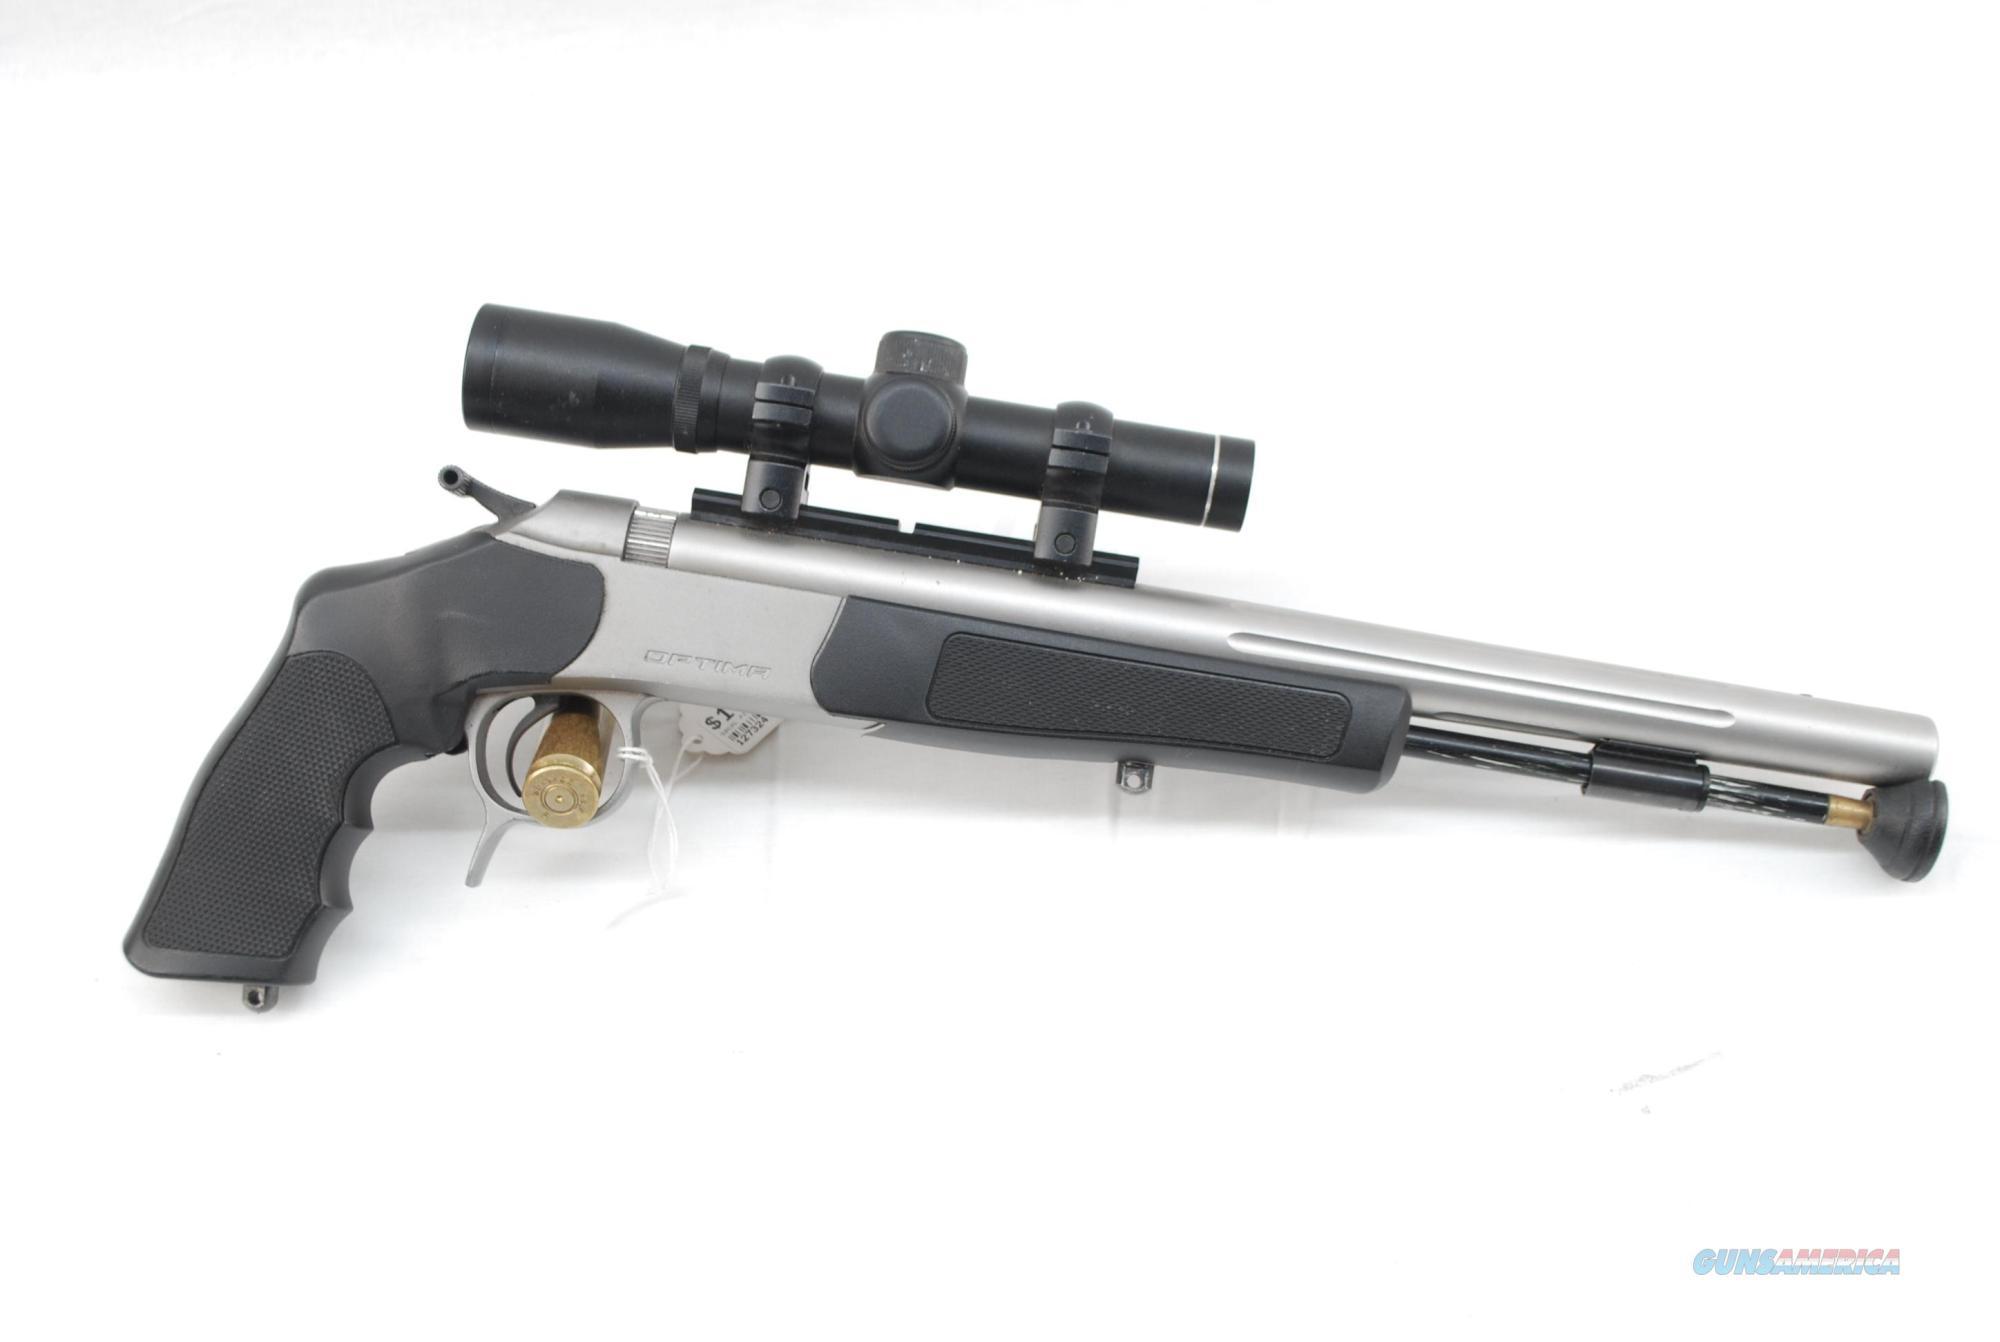 hight resolution of cva optima v2 50 pistol for sale cva accura schematic cva optima schematic diagram